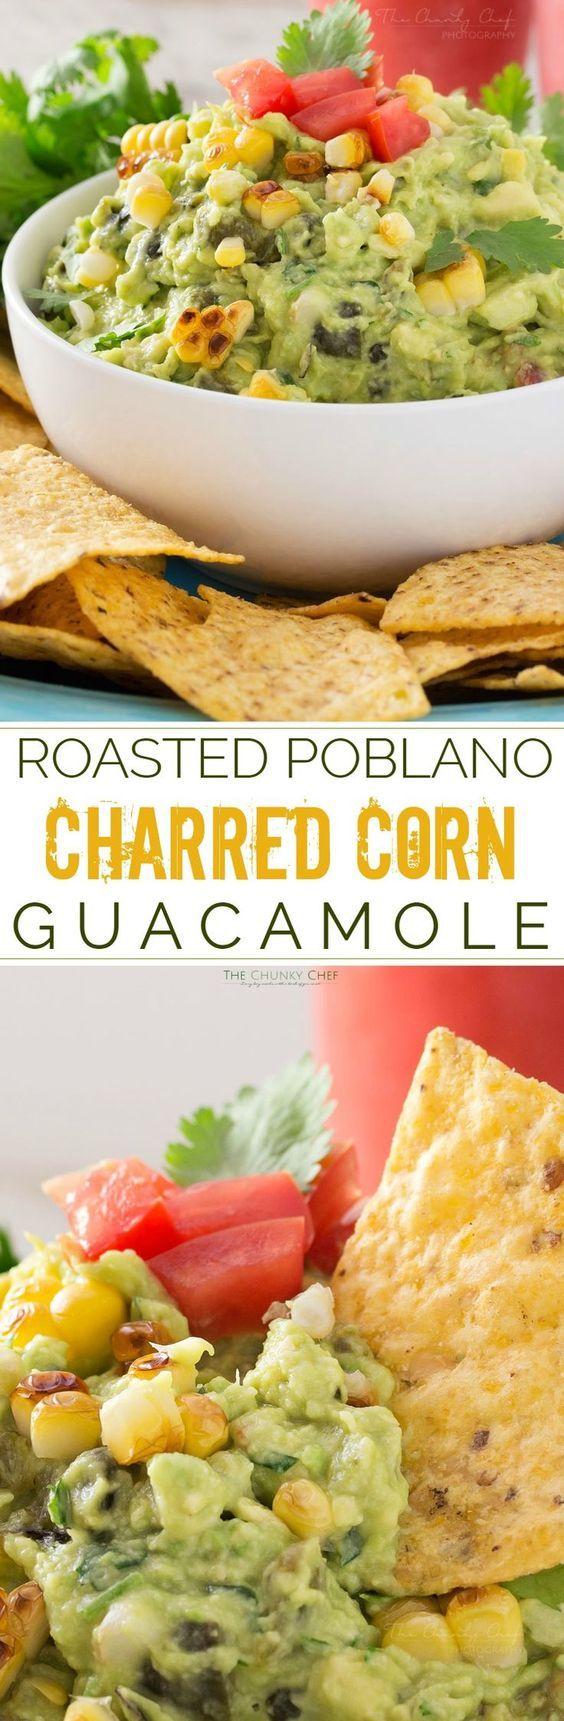 Roasted Poblano and Charred Corn Guacamole | The ULTIMATE guacamole ...